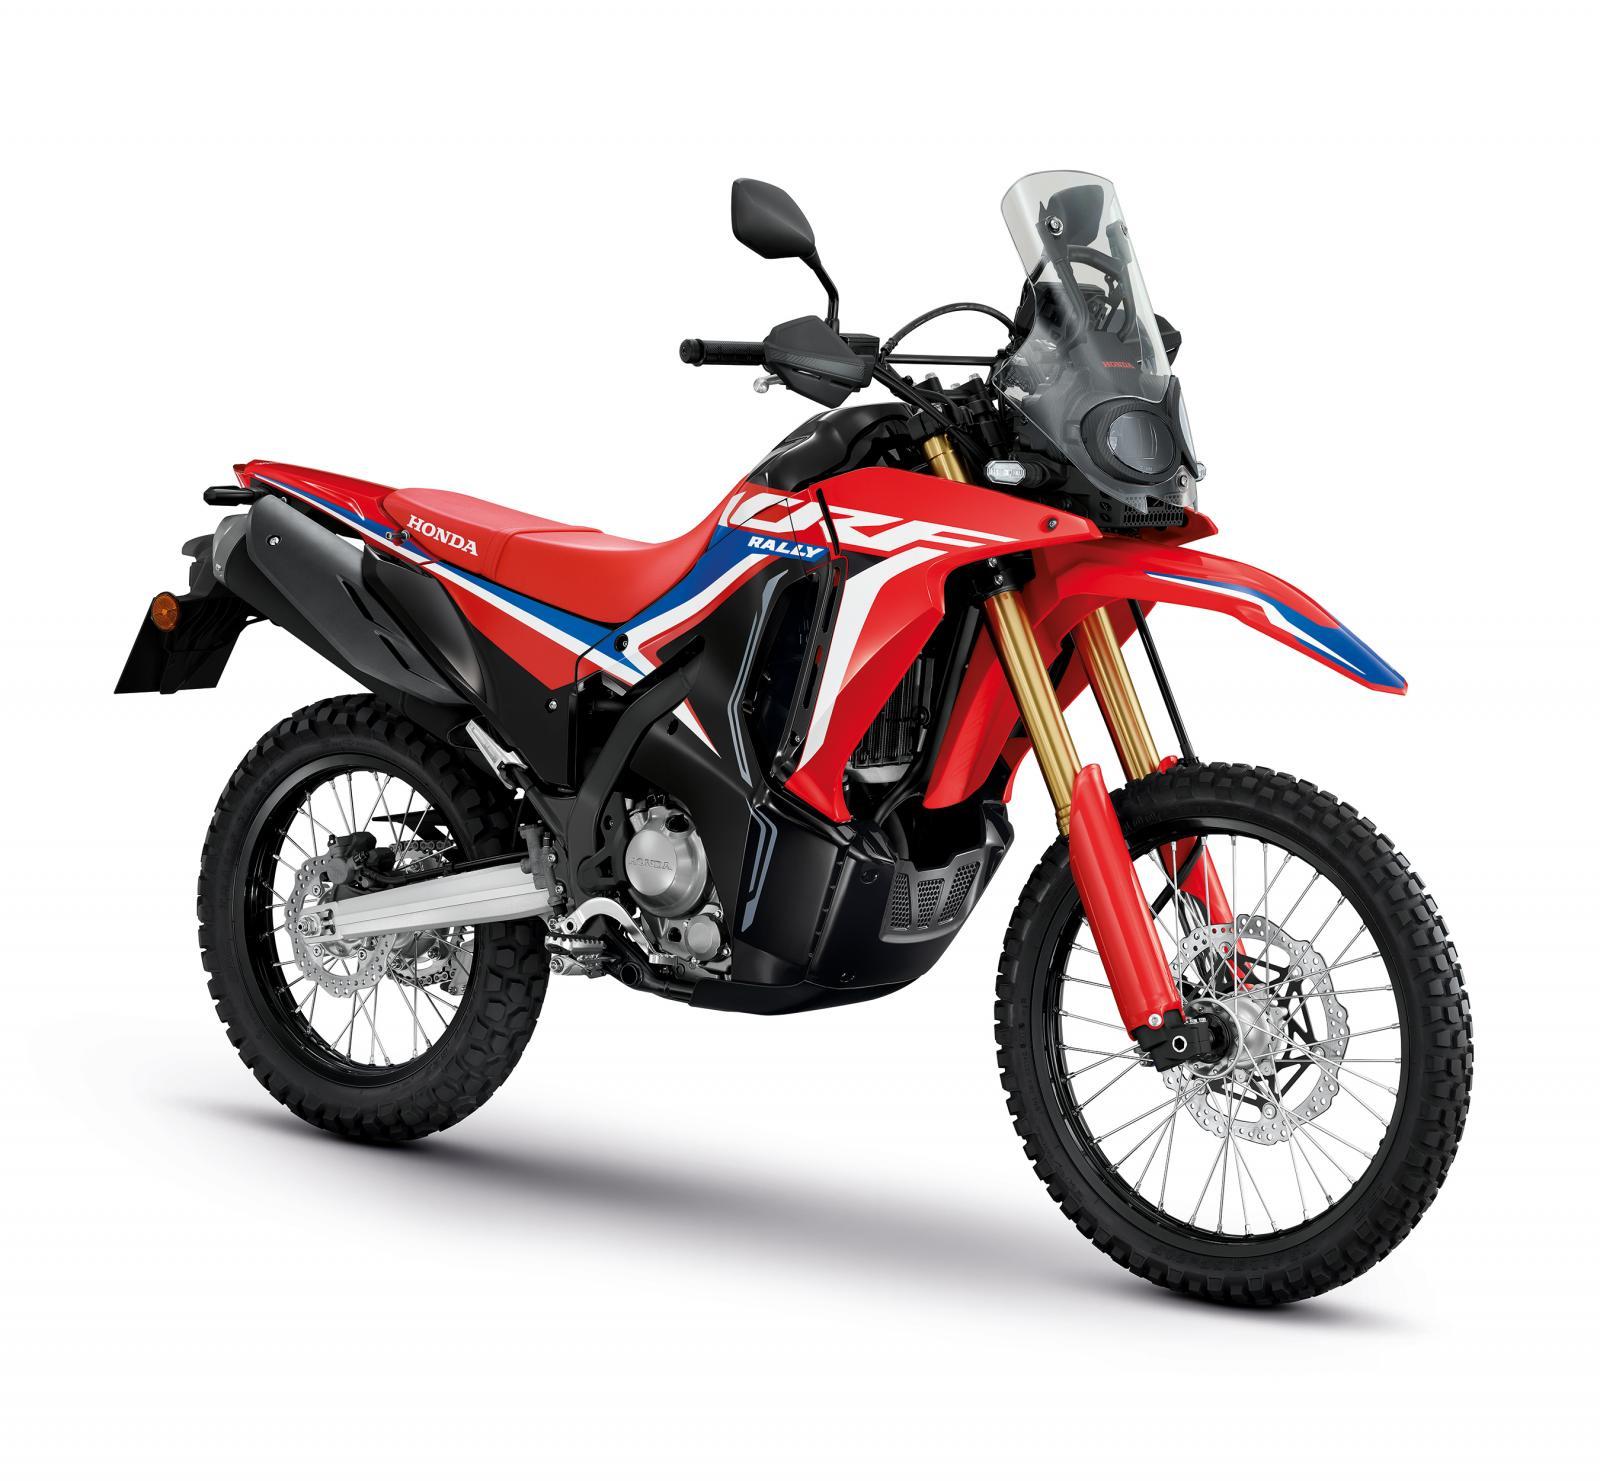 ราคาและตารางผ่อน ดาวน์ 2021 Honda CRF300 Rally